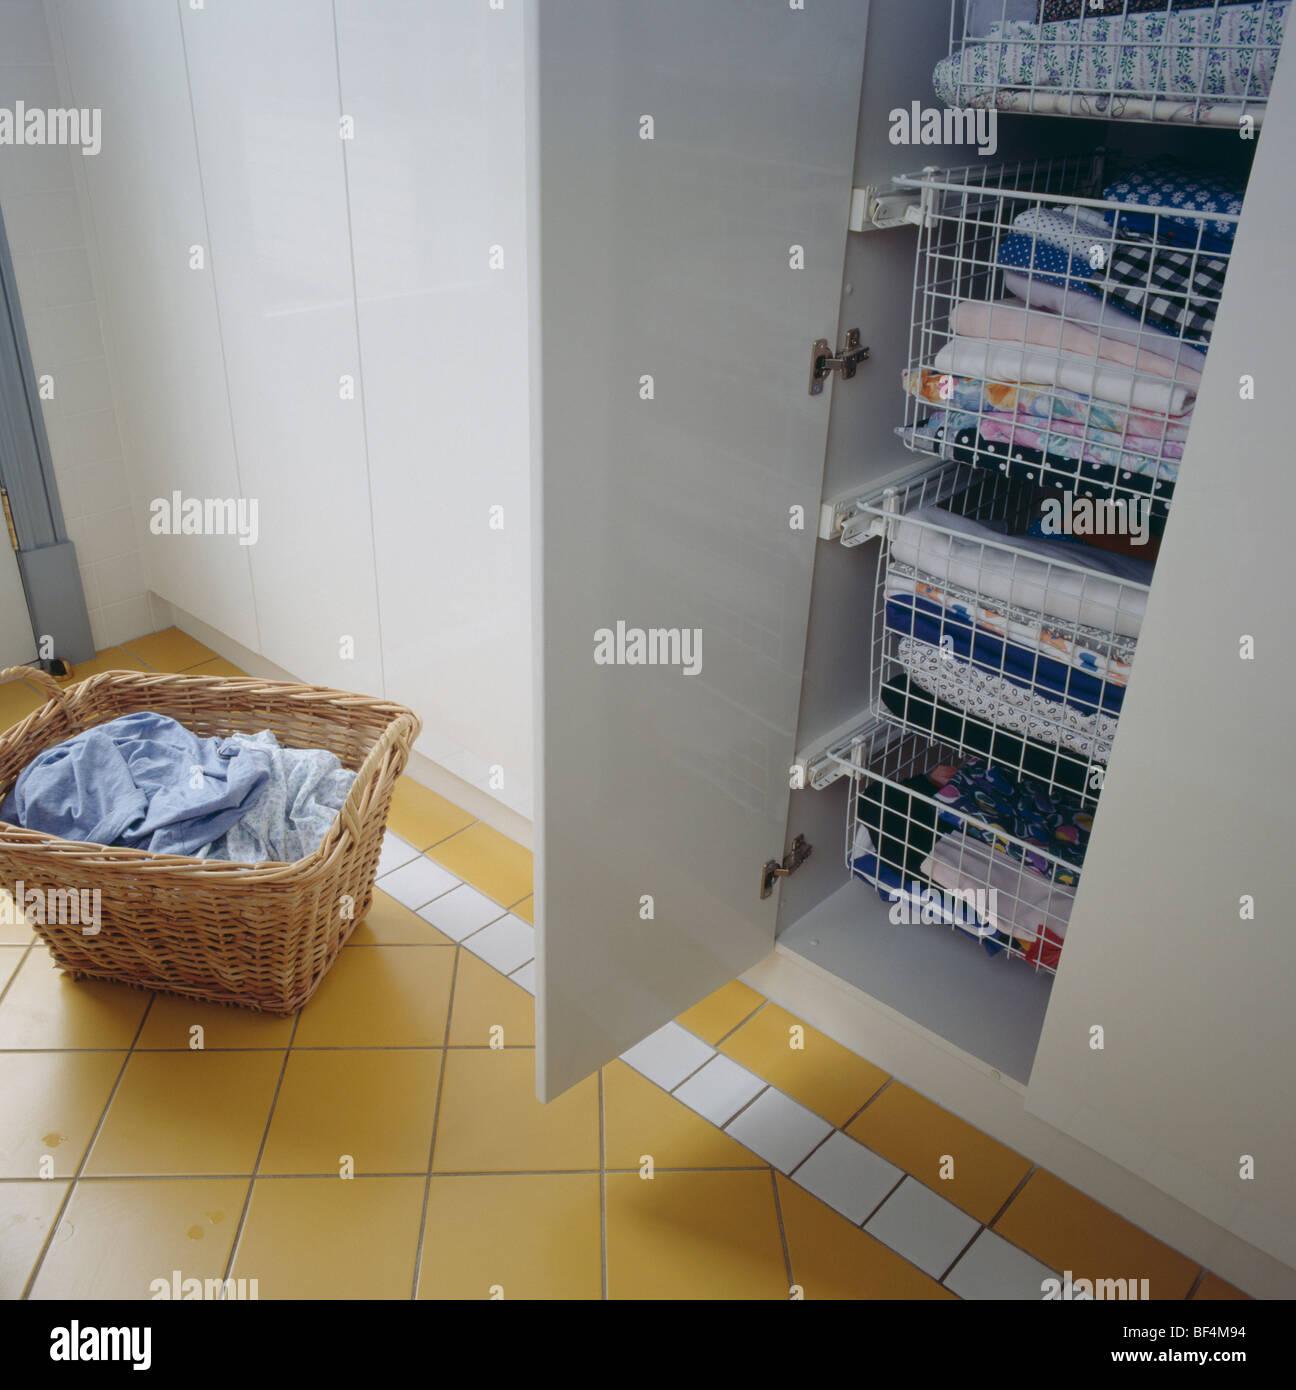 Hauswirtschaftsraum mit Korb Wäsche neben Schrank mit gefalteter ...